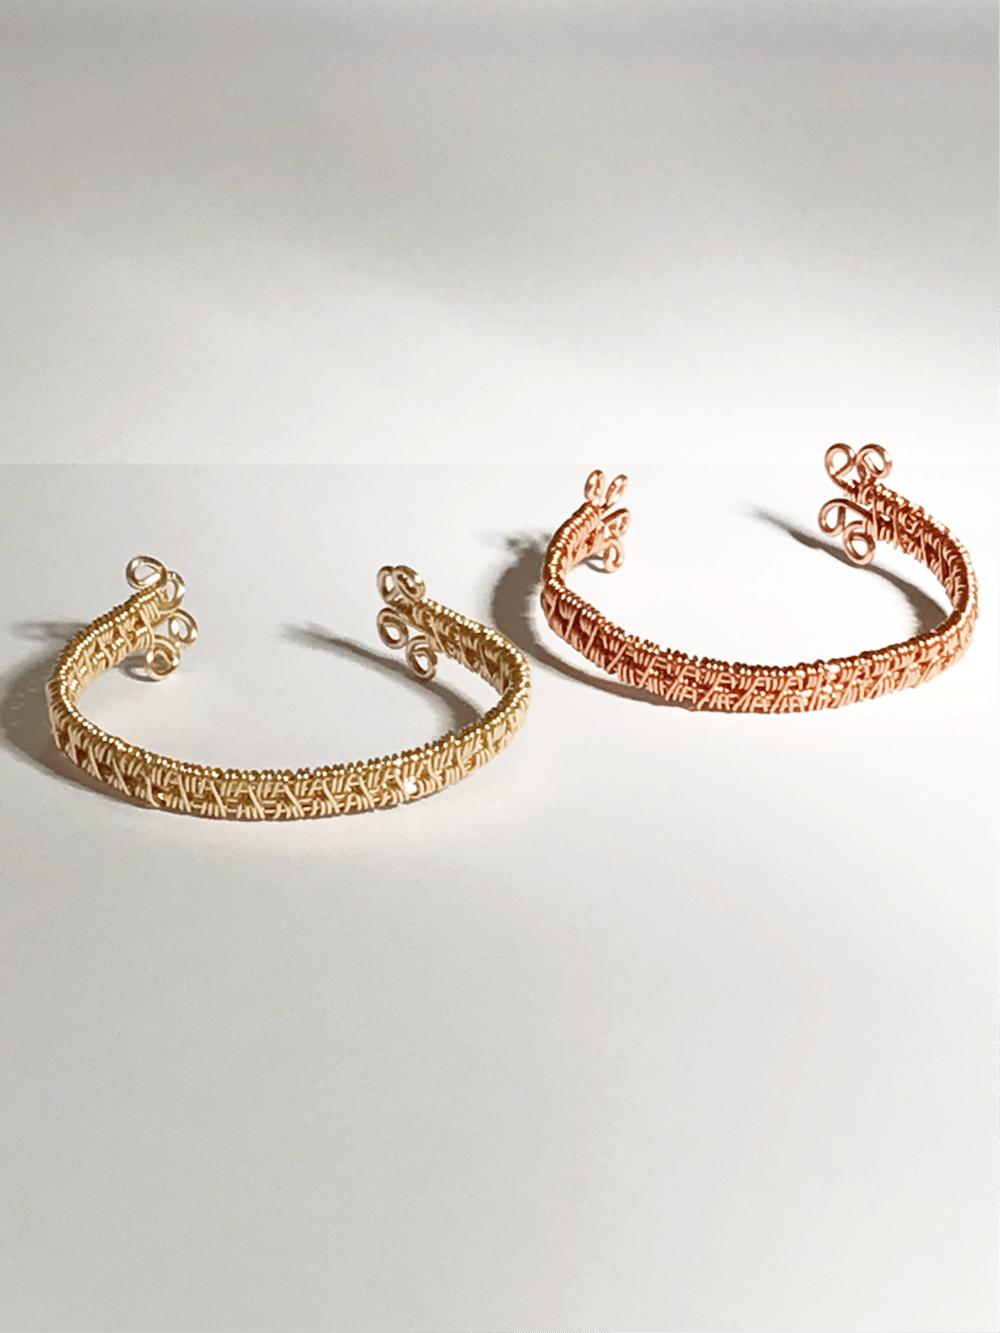 Image of Copper Wire Bangle